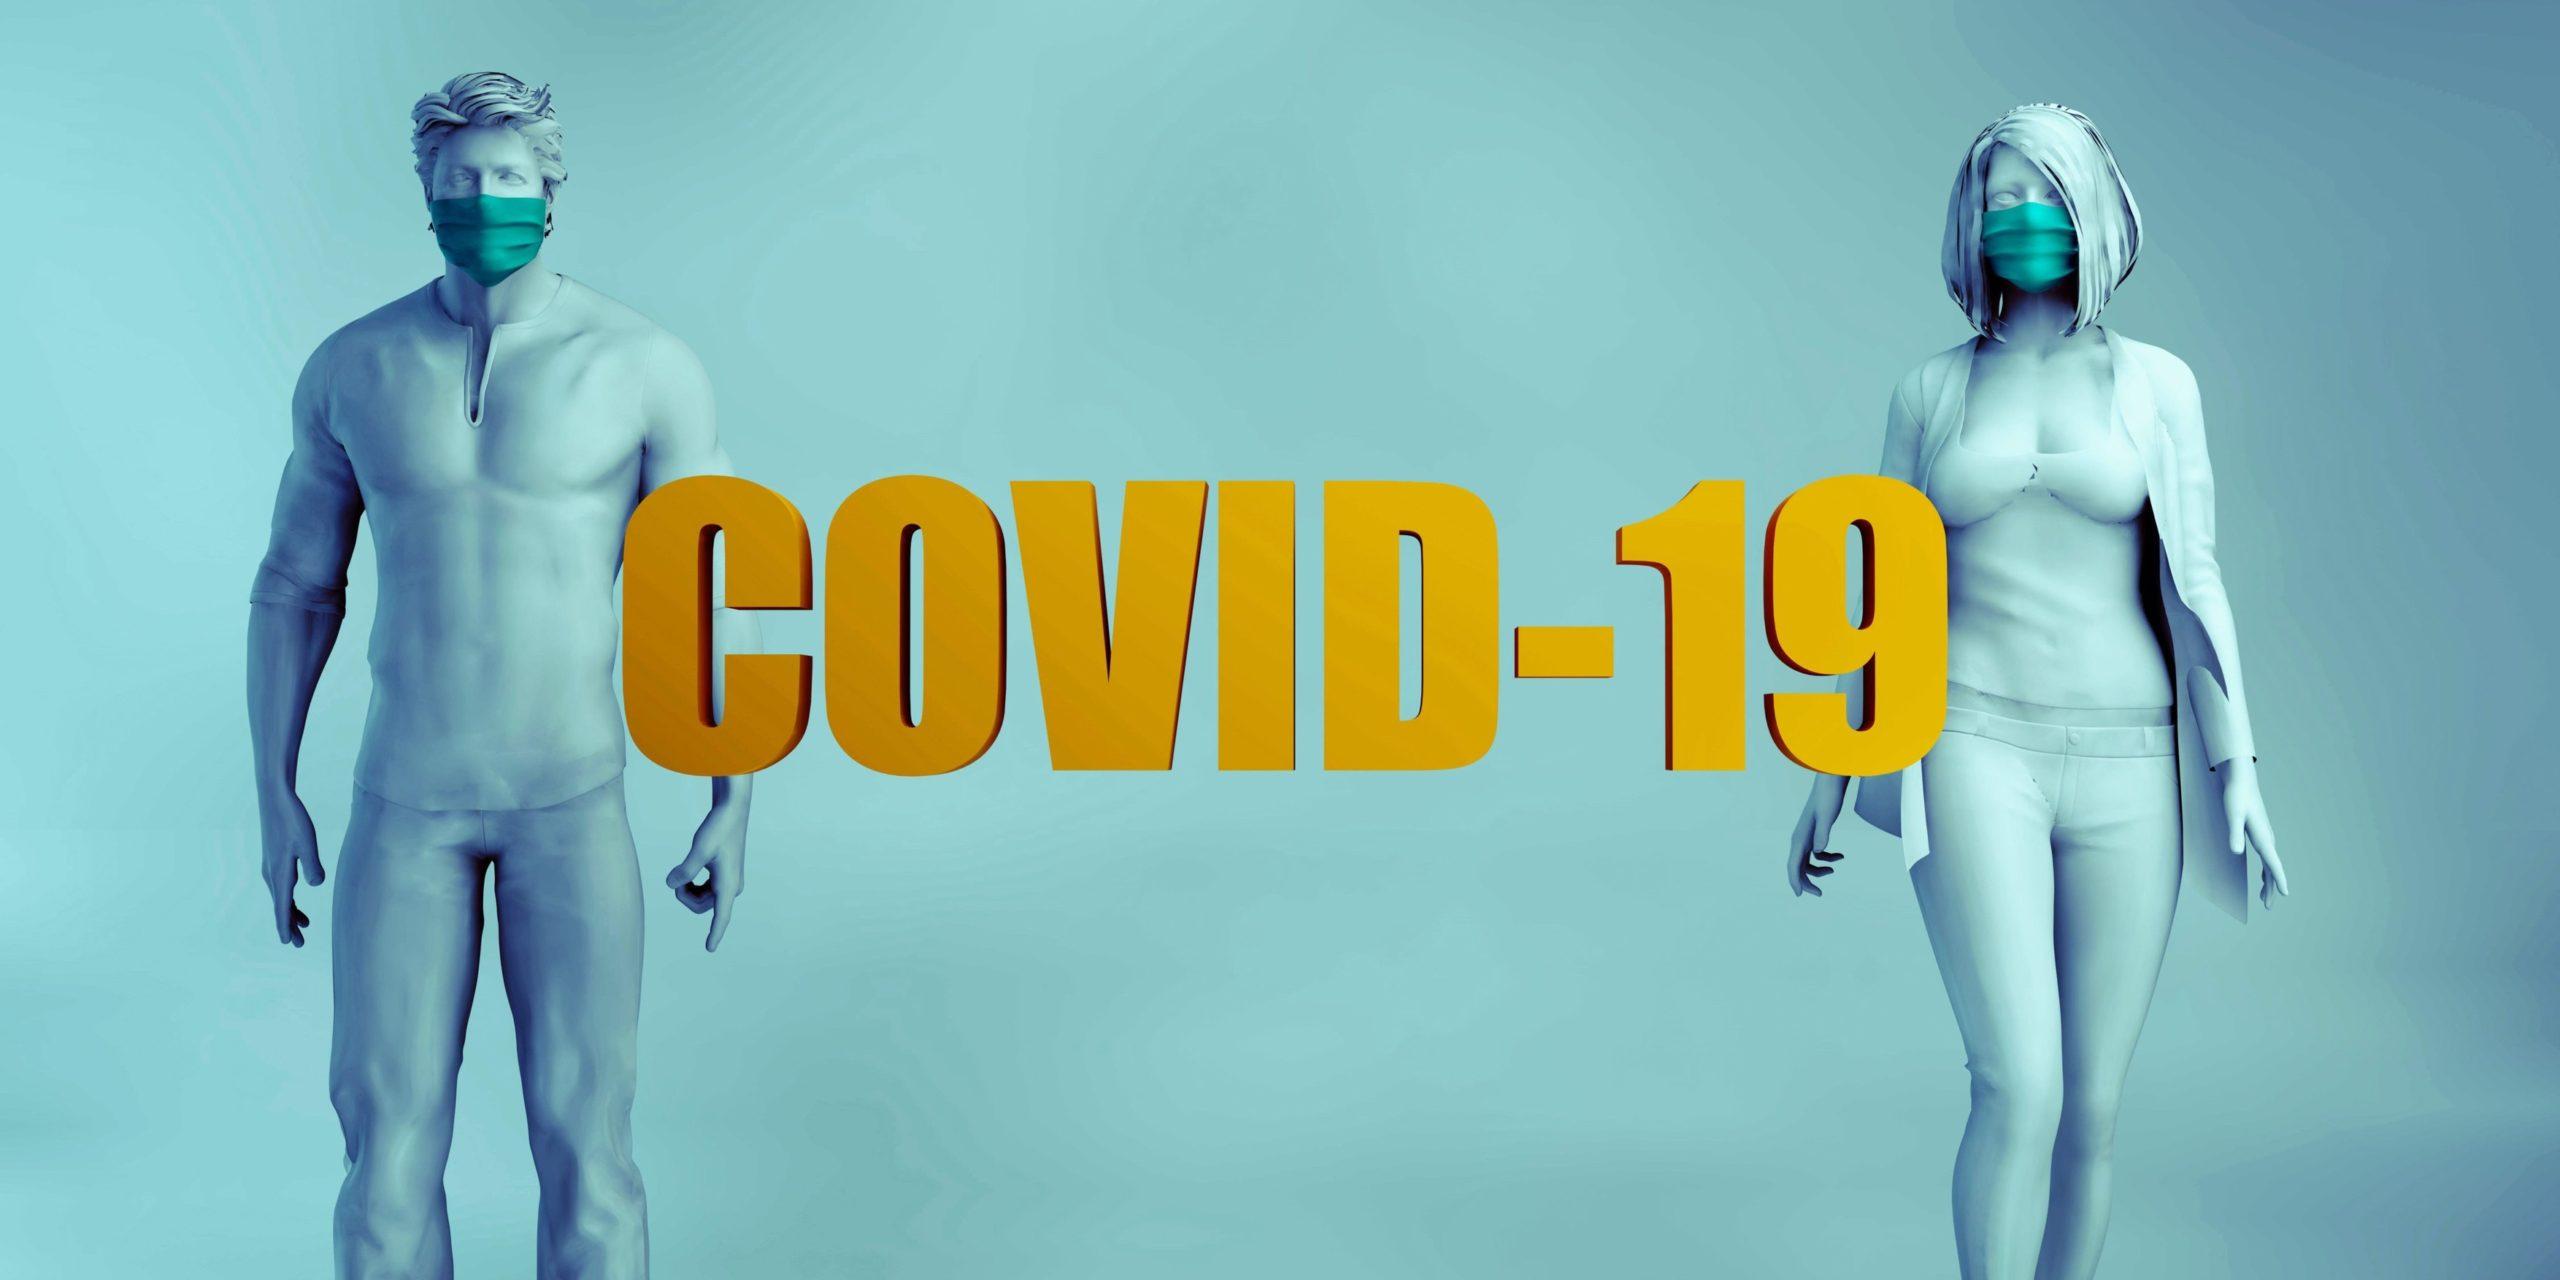 COVID-19: Koliku zaštitu nude maske za lice?